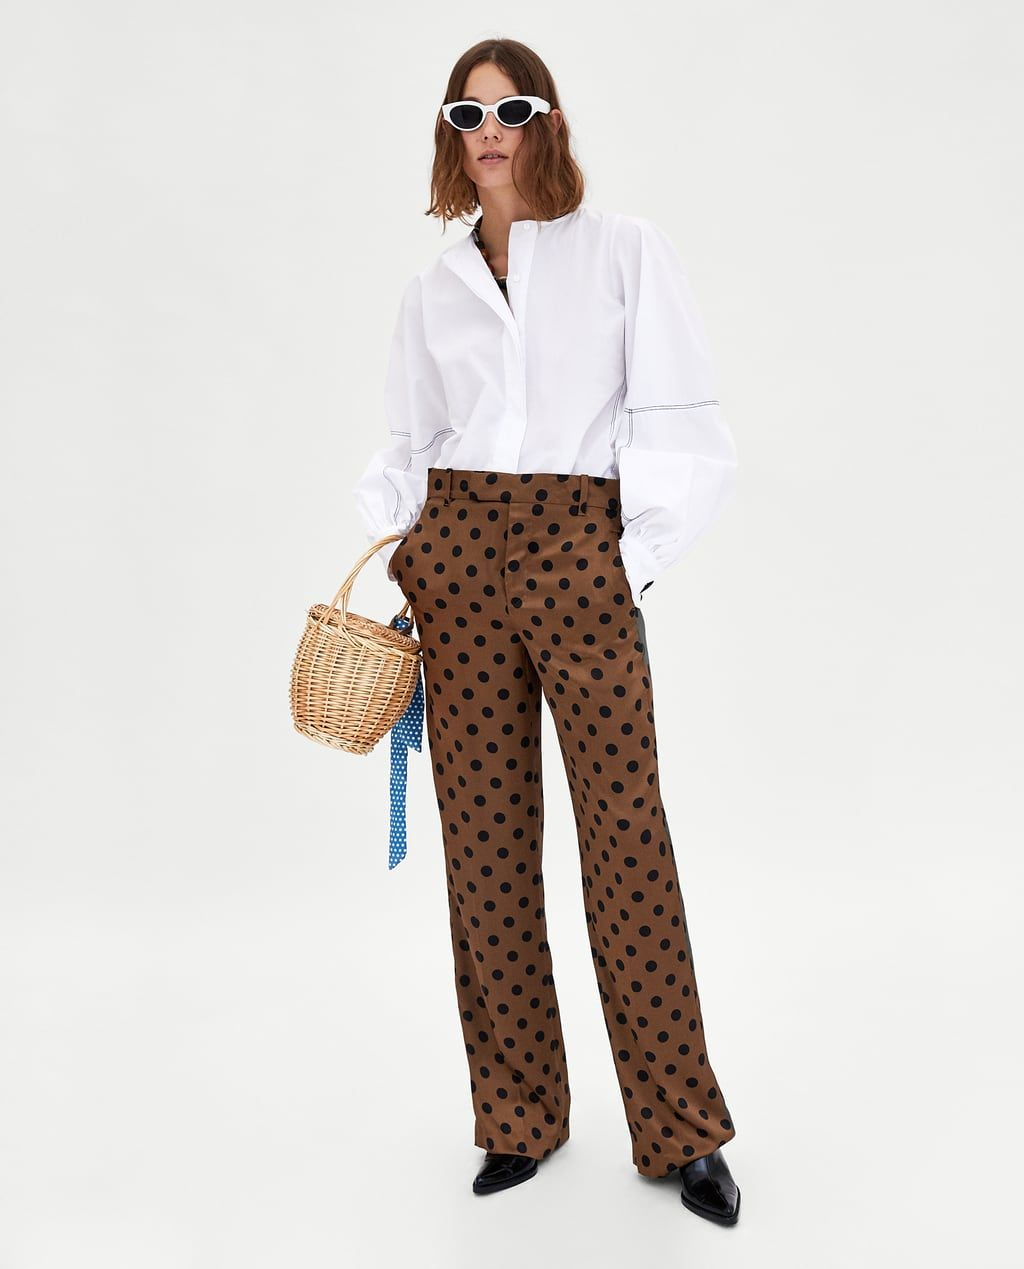 681794df5ee91 Le Zara Image Pantalon Chemisier À 1 De Pois xWqUY8a